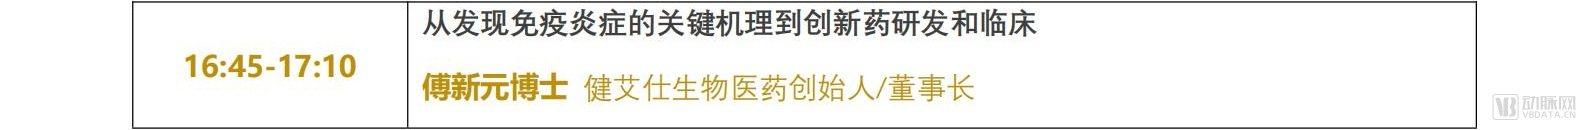 (媒体版本)2021SAPA中国年会-21.07.19_16.jpg